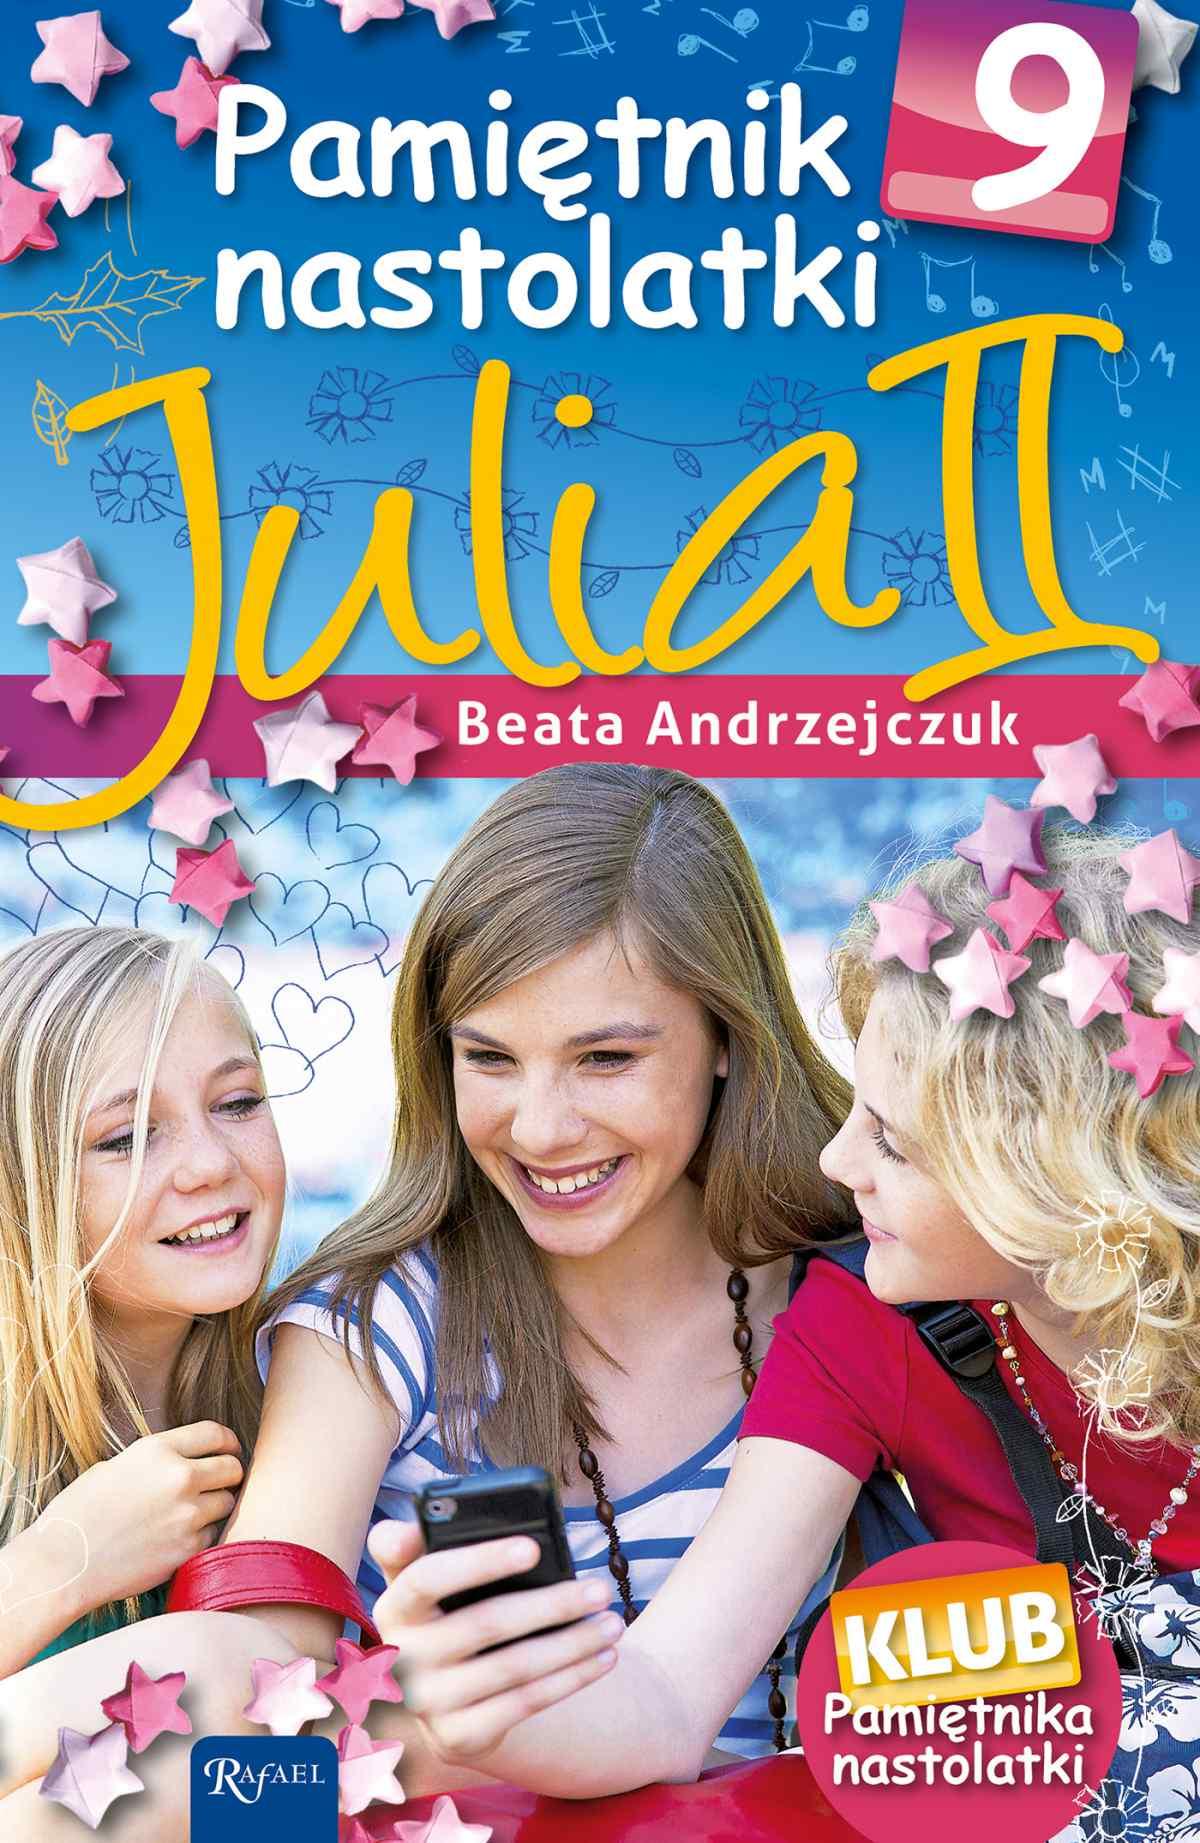 Pamiętnik nastolatki 9. Julia II - Ebook (Książka EPUB) do pobrania w formacie EPUB